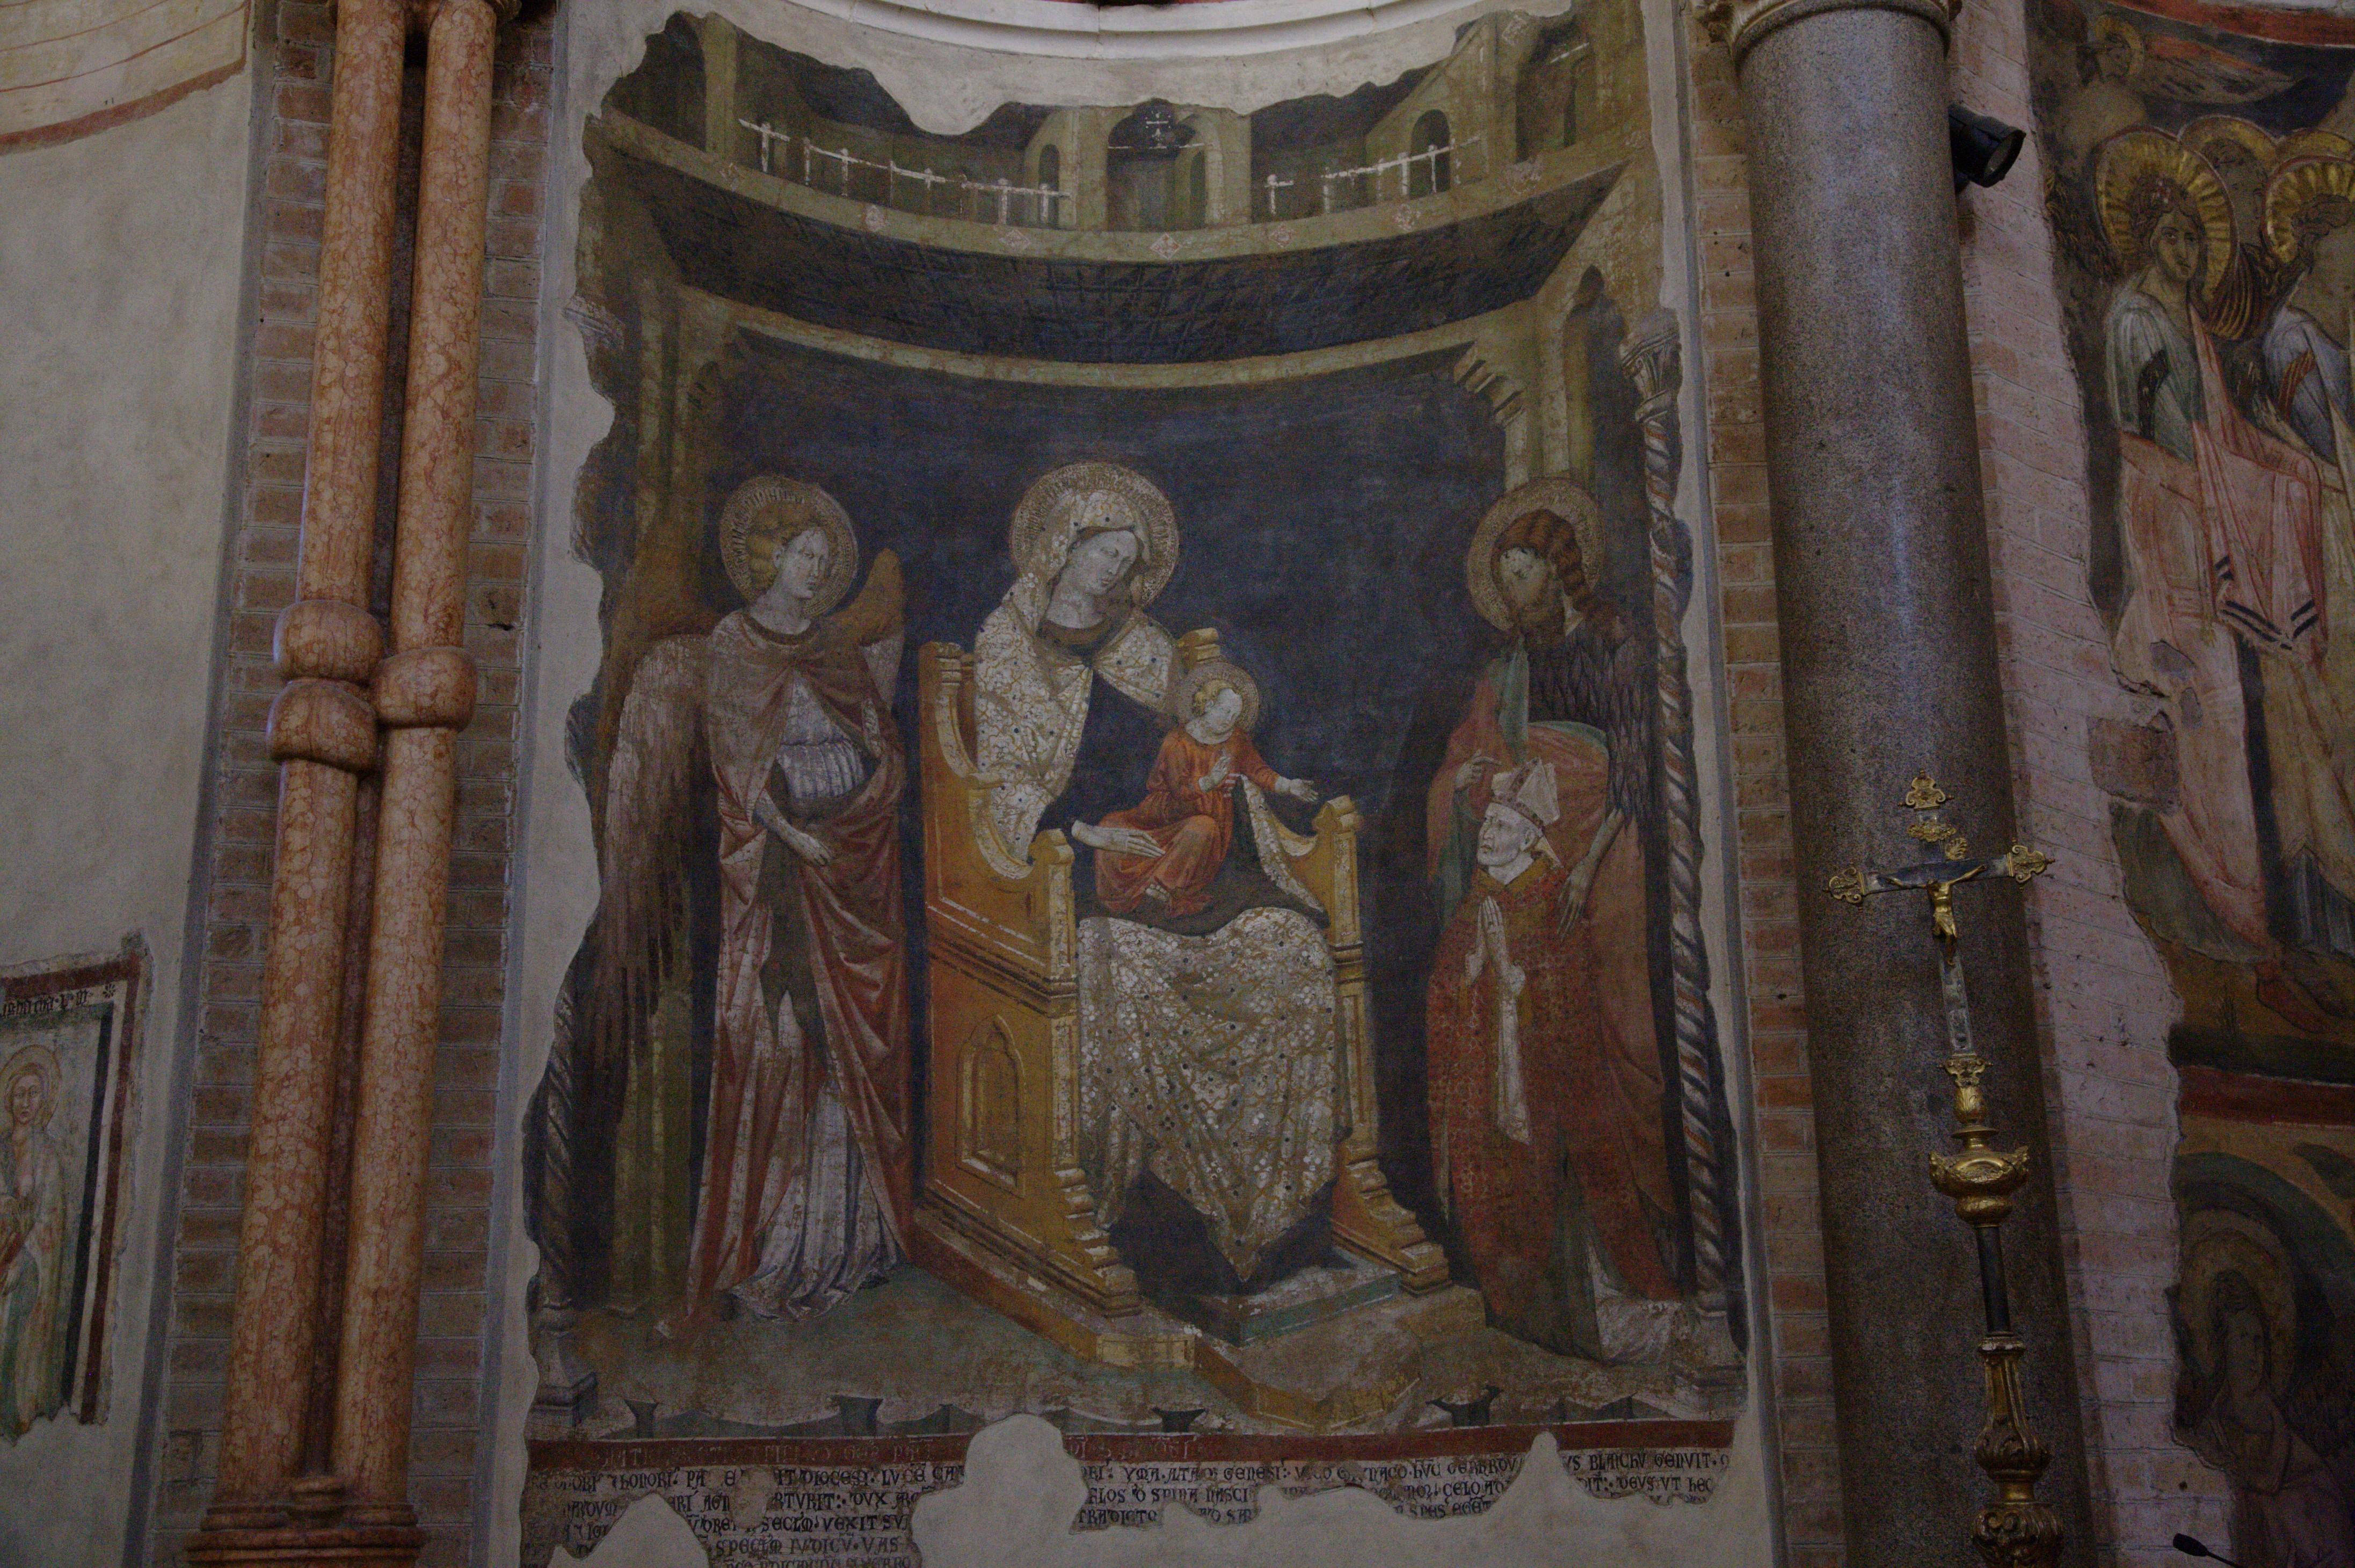 Maitre de 1302 Madonna col Bambino in trono tra un angelo e il Battista et eveque Bianchi Baptistere de Parme photo Hans A. Rosbach